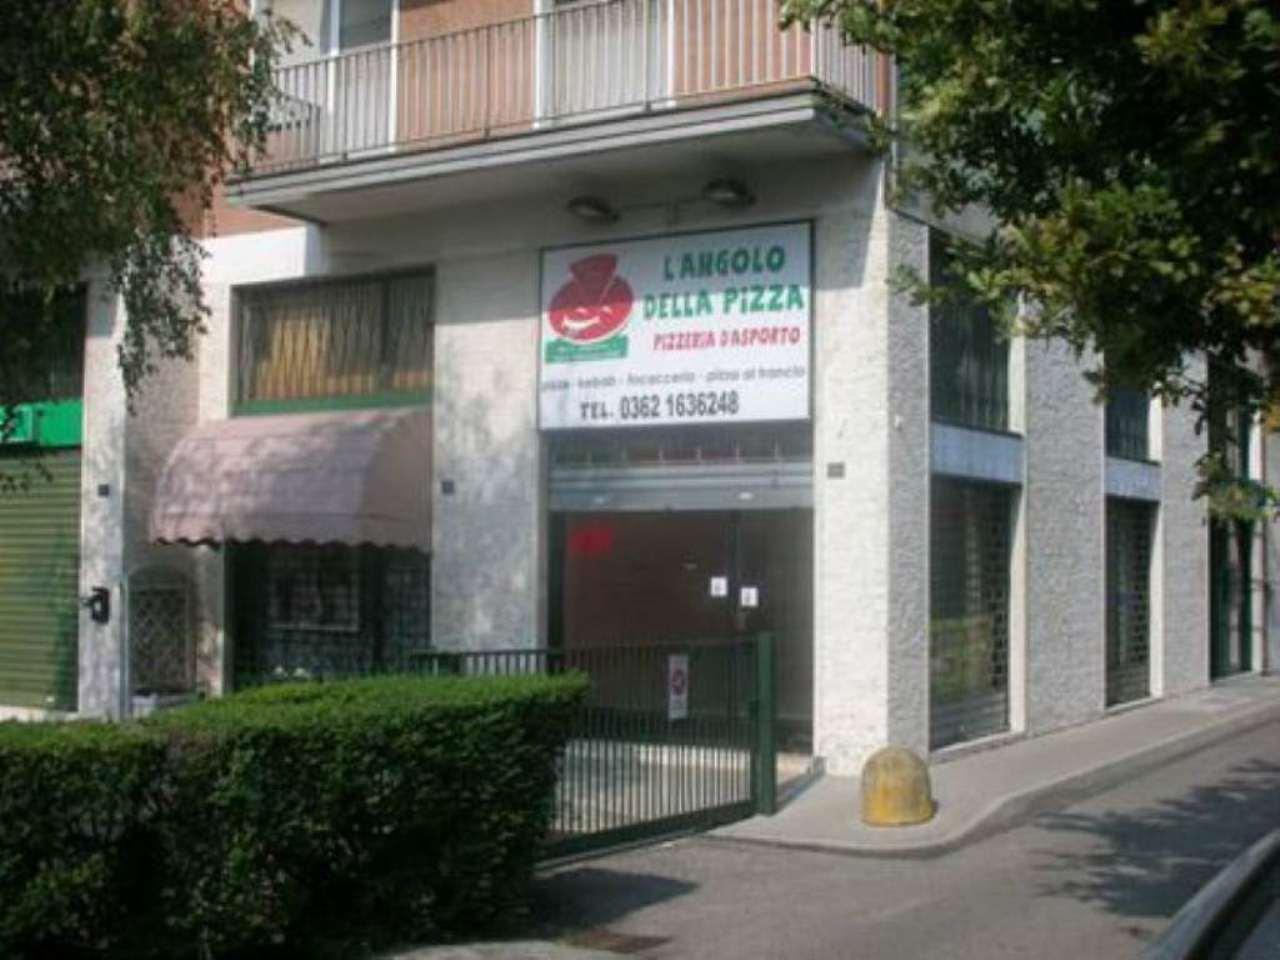 Negozio / Locale in vendita a Nova Milanese, 2 locali, prezzo € 55.000 | Cambio Casa.it